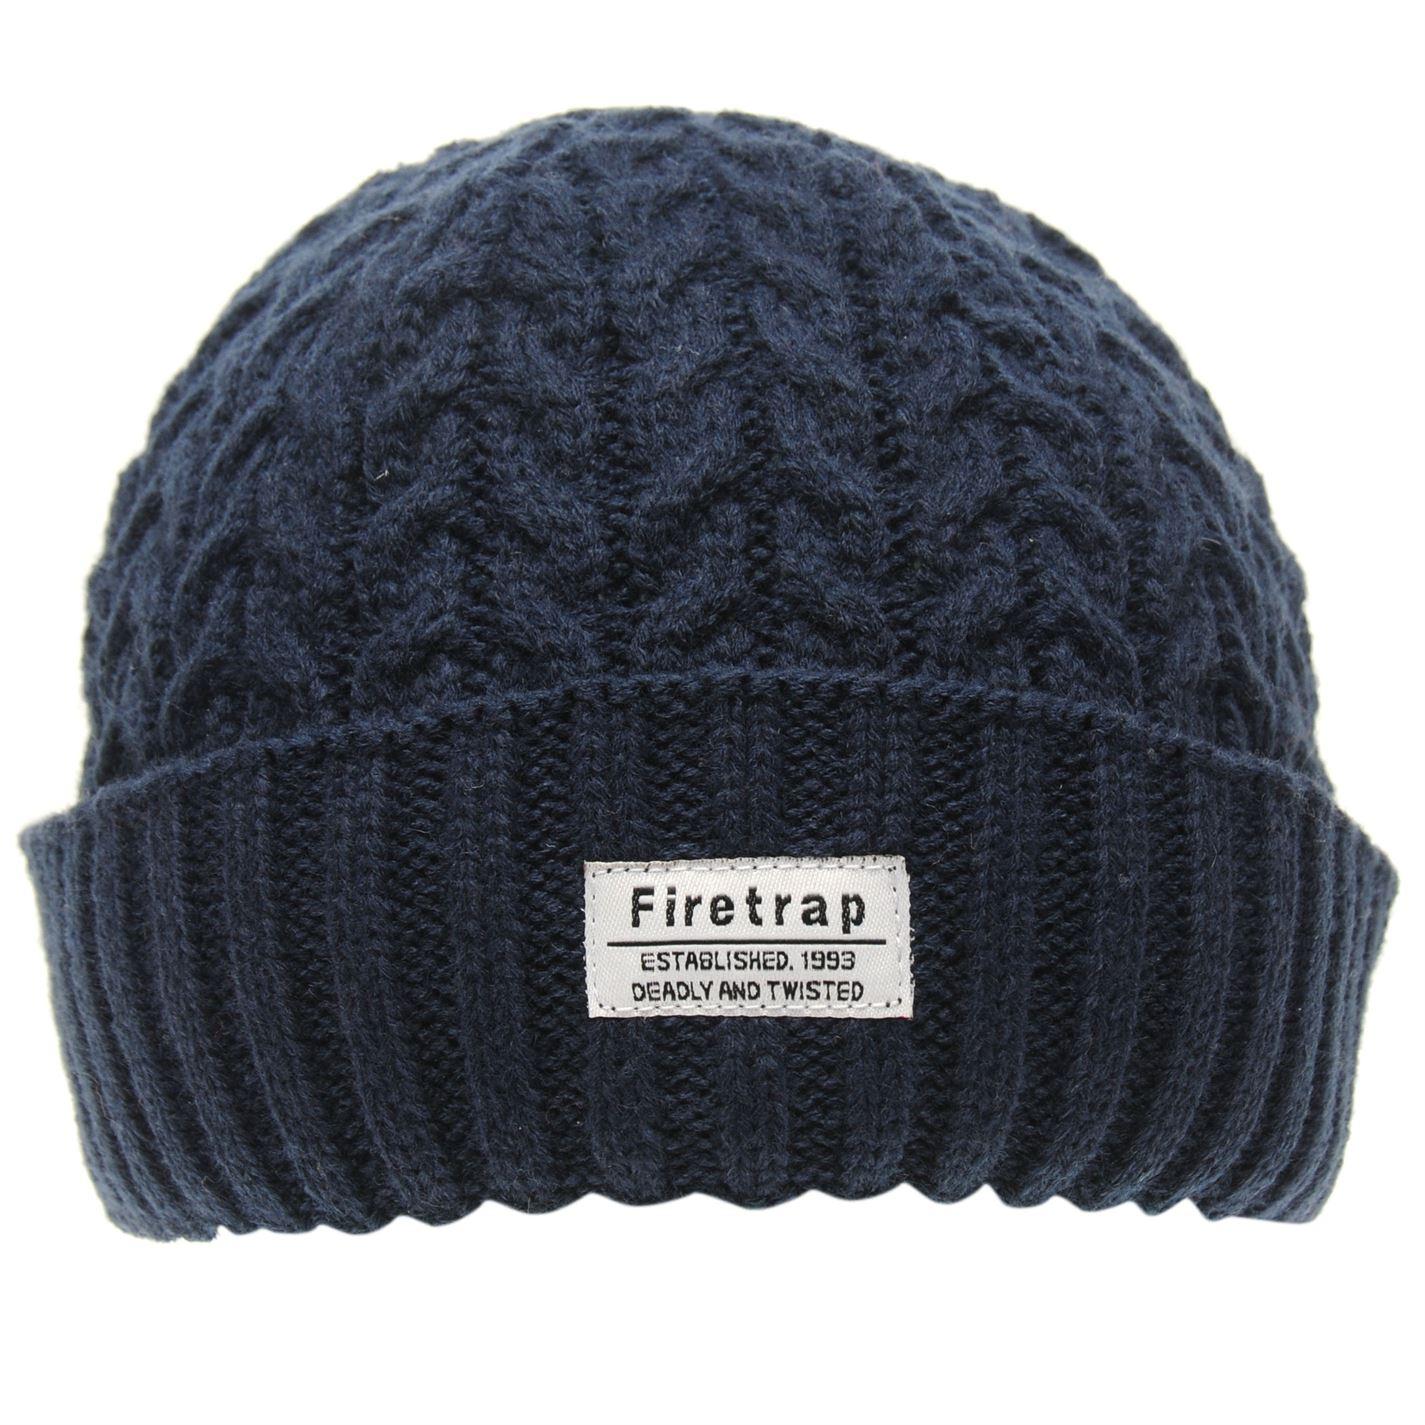 Mens-Firetrap-Fisherman-Hat-Beanie-Warm-New thumbnail 11